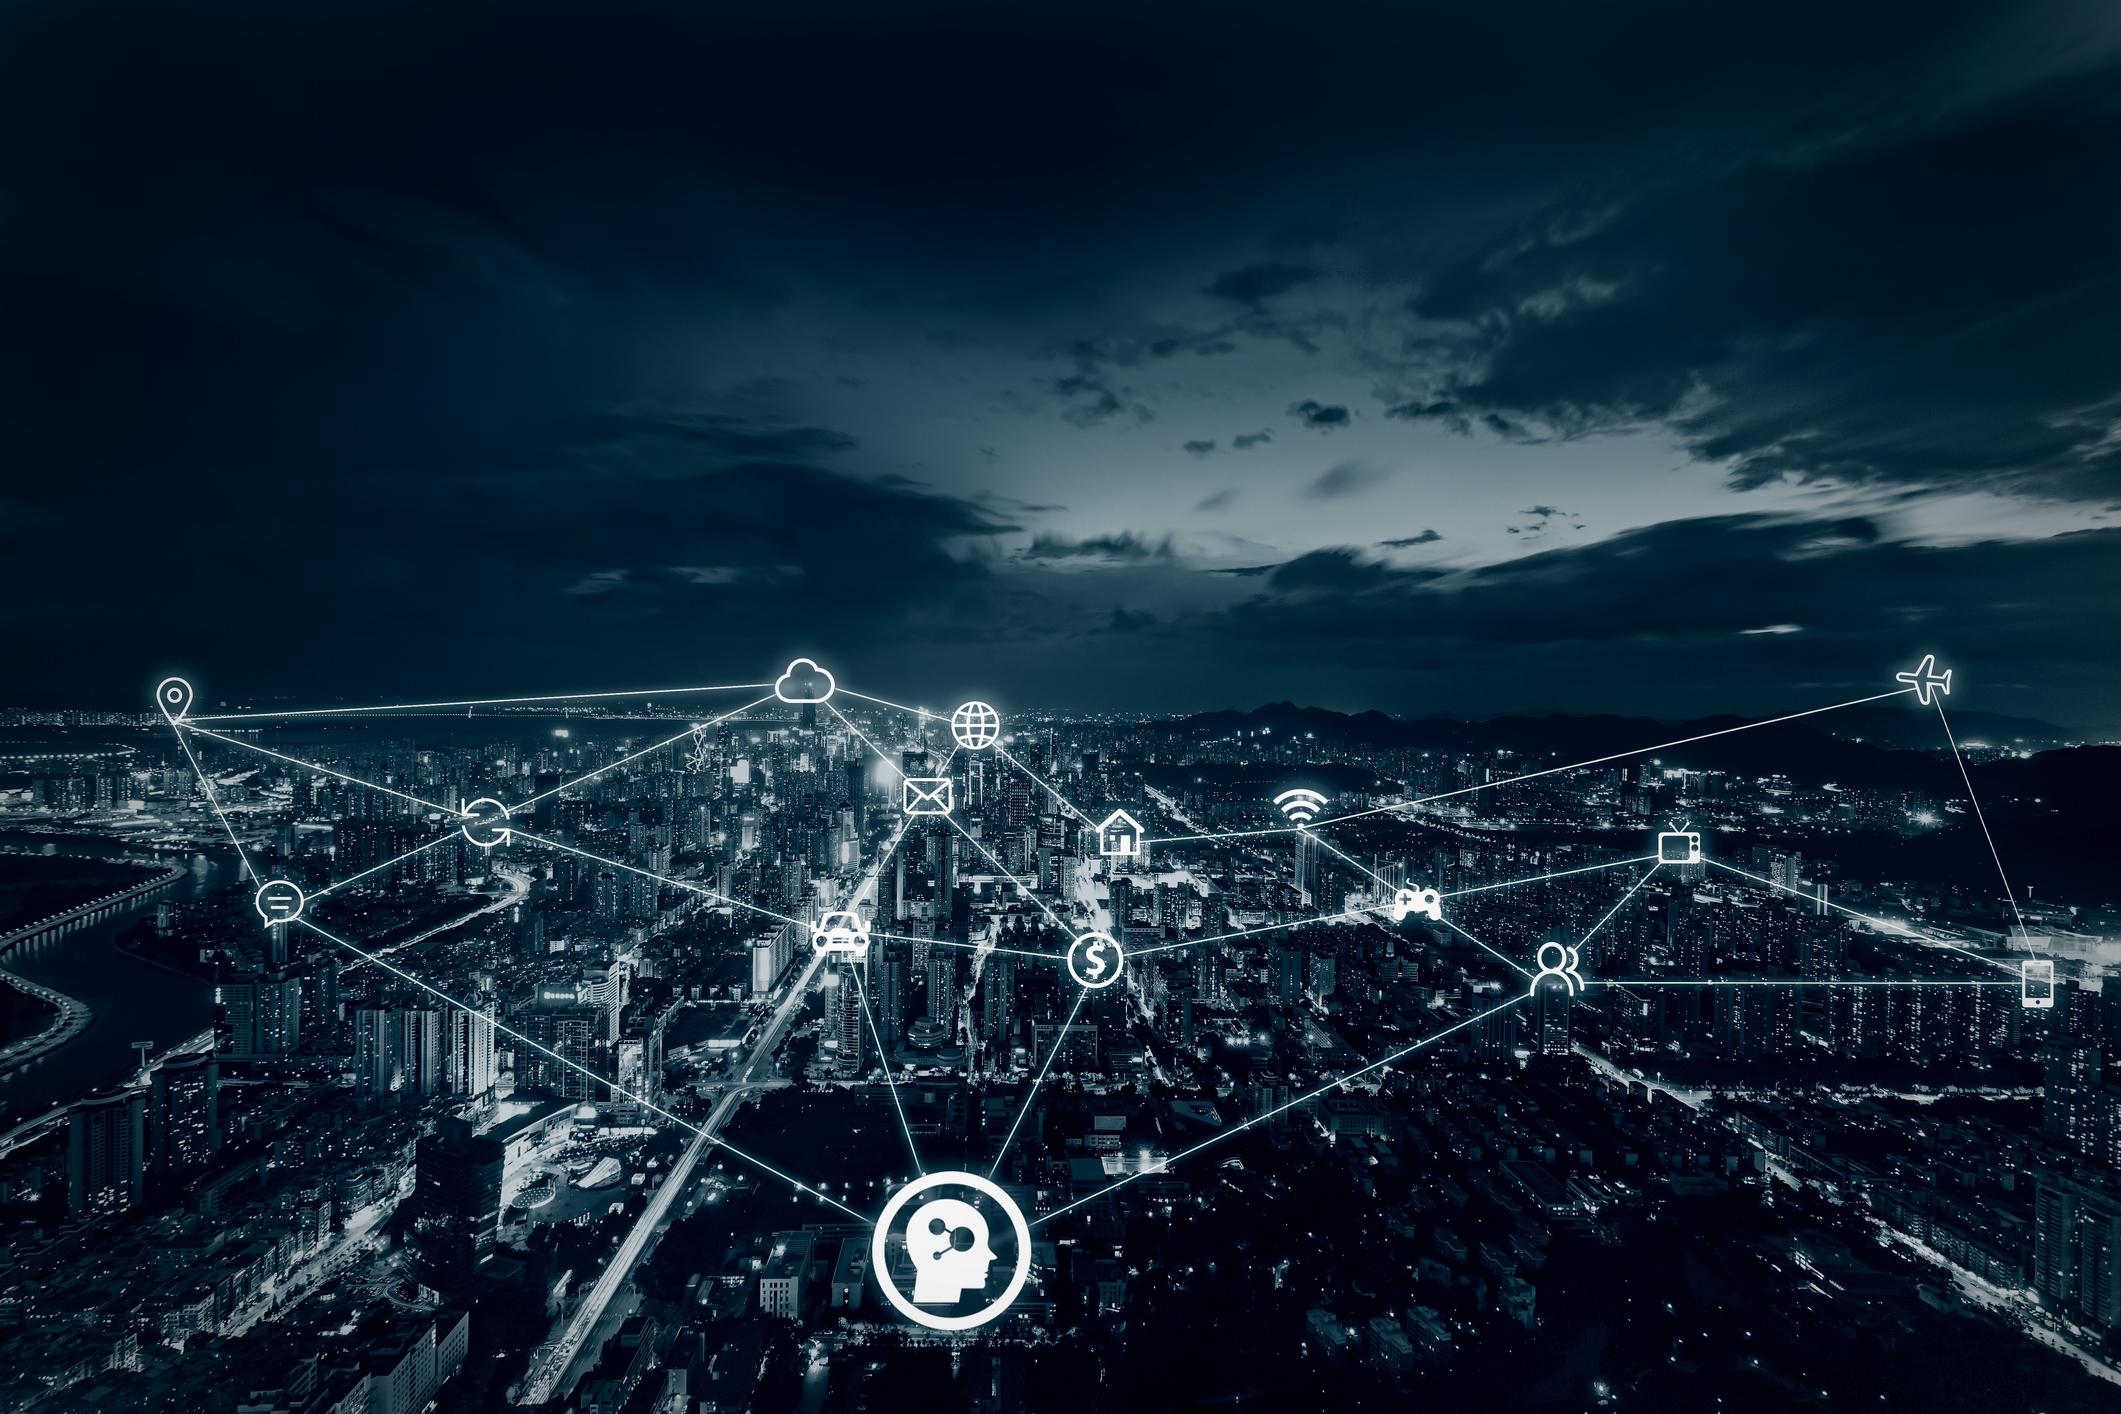 中共舉行「十九大」以後,中央政治局的集體學習主題,包括金融服務、人工智慧發展、區塊鏈趨勢等新興科技議題,習近平也指示要以人工智慧作為戰略性技術,強化競爭力。圖│iStock